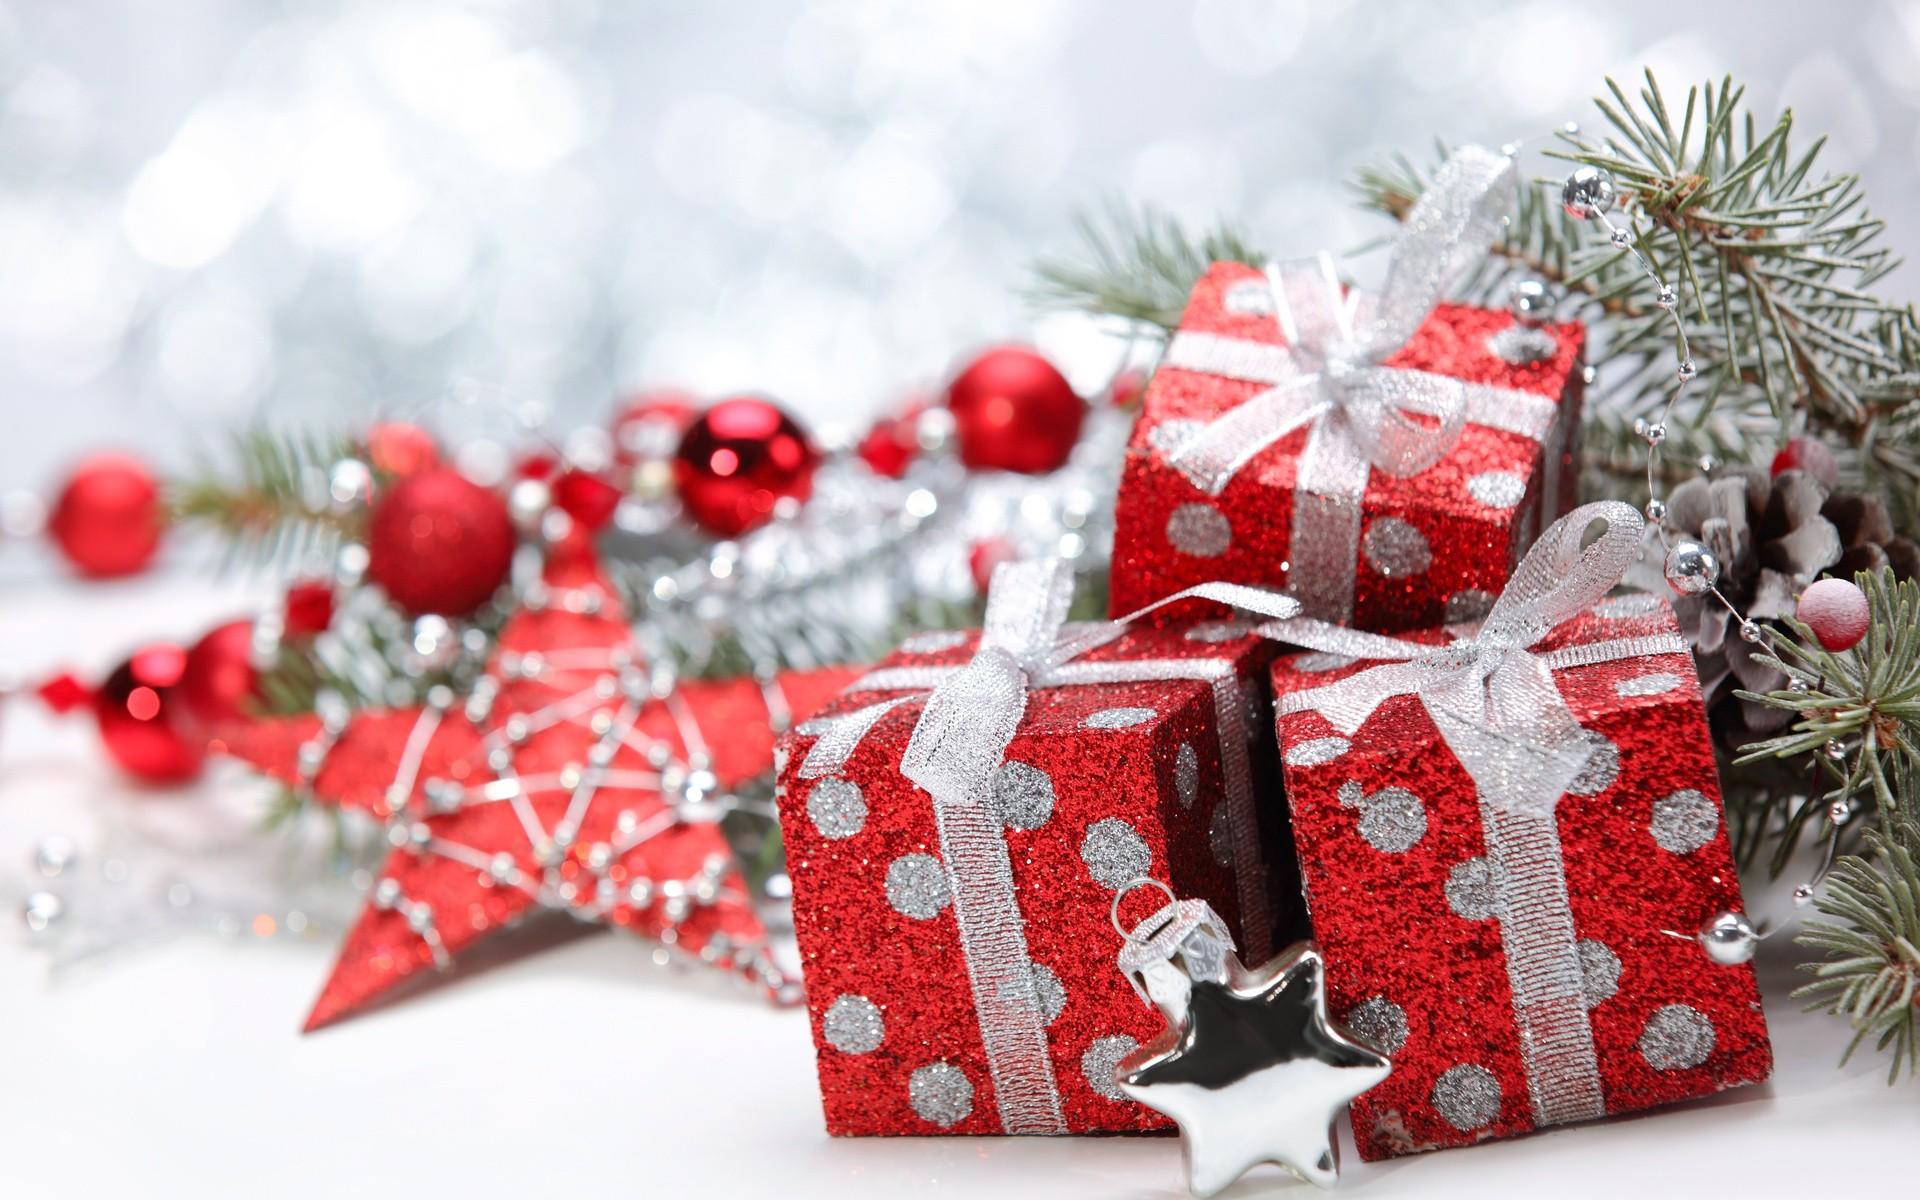 Regalos para navidad - 1920x1200